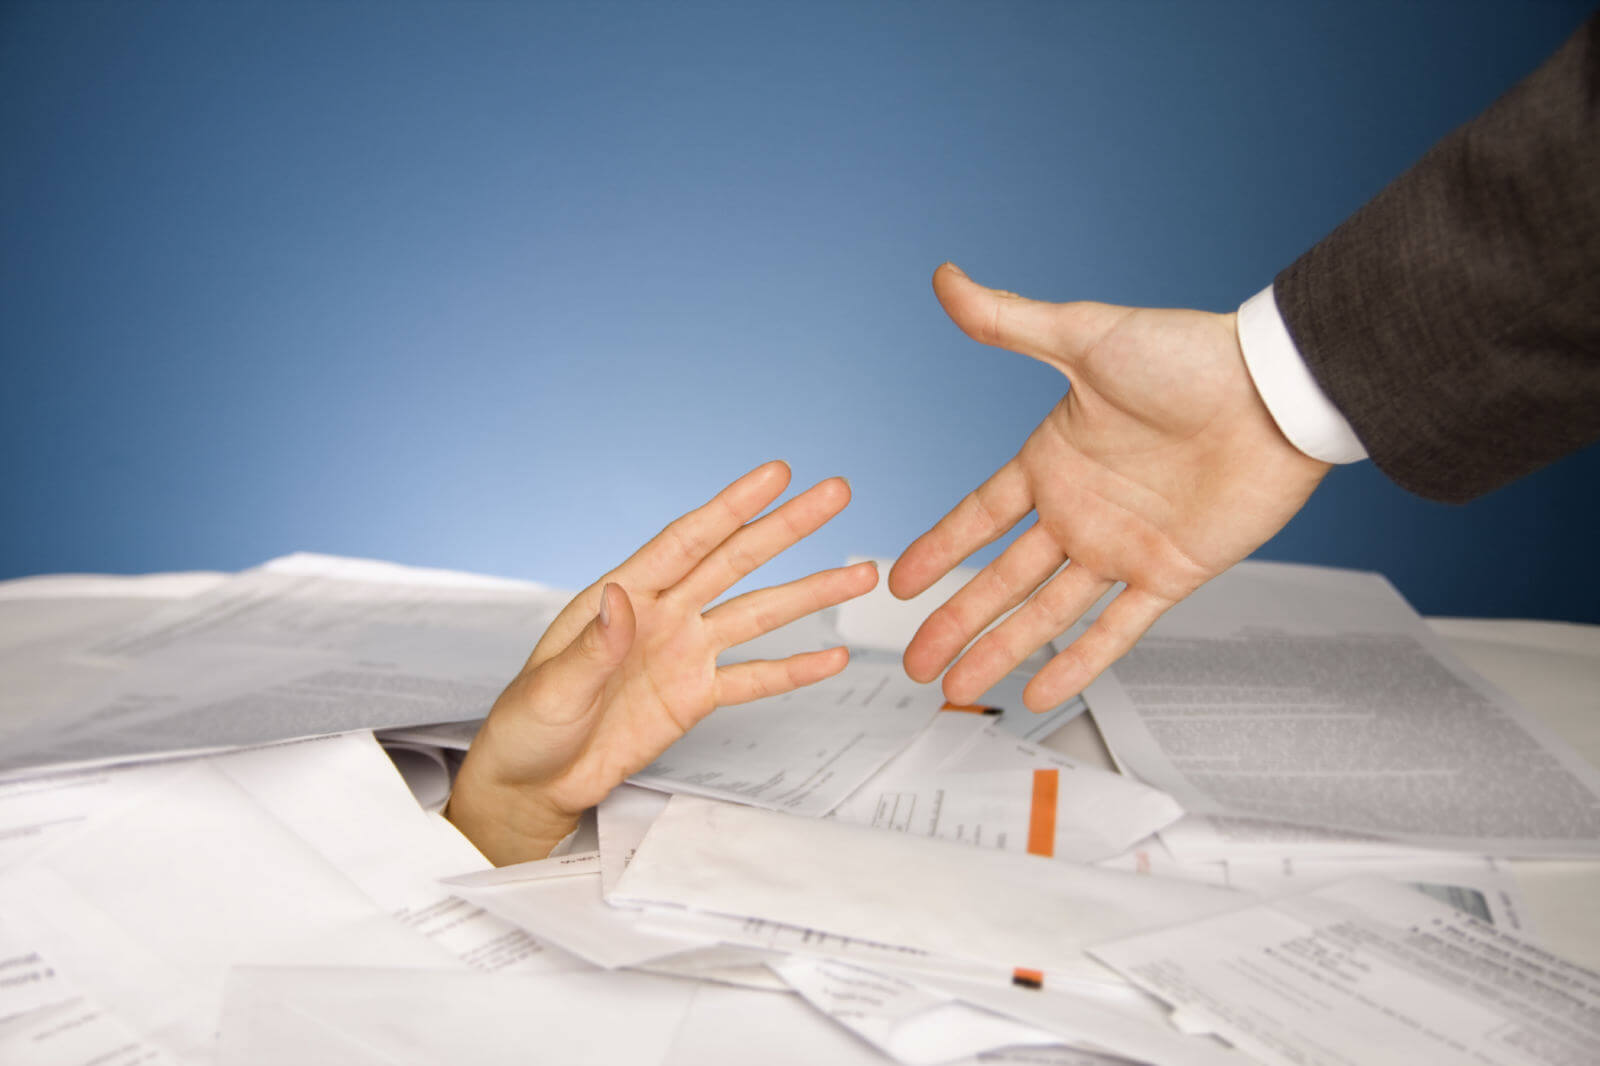 Что такое реструктуризация ипотечного долга, и как ее оформить?